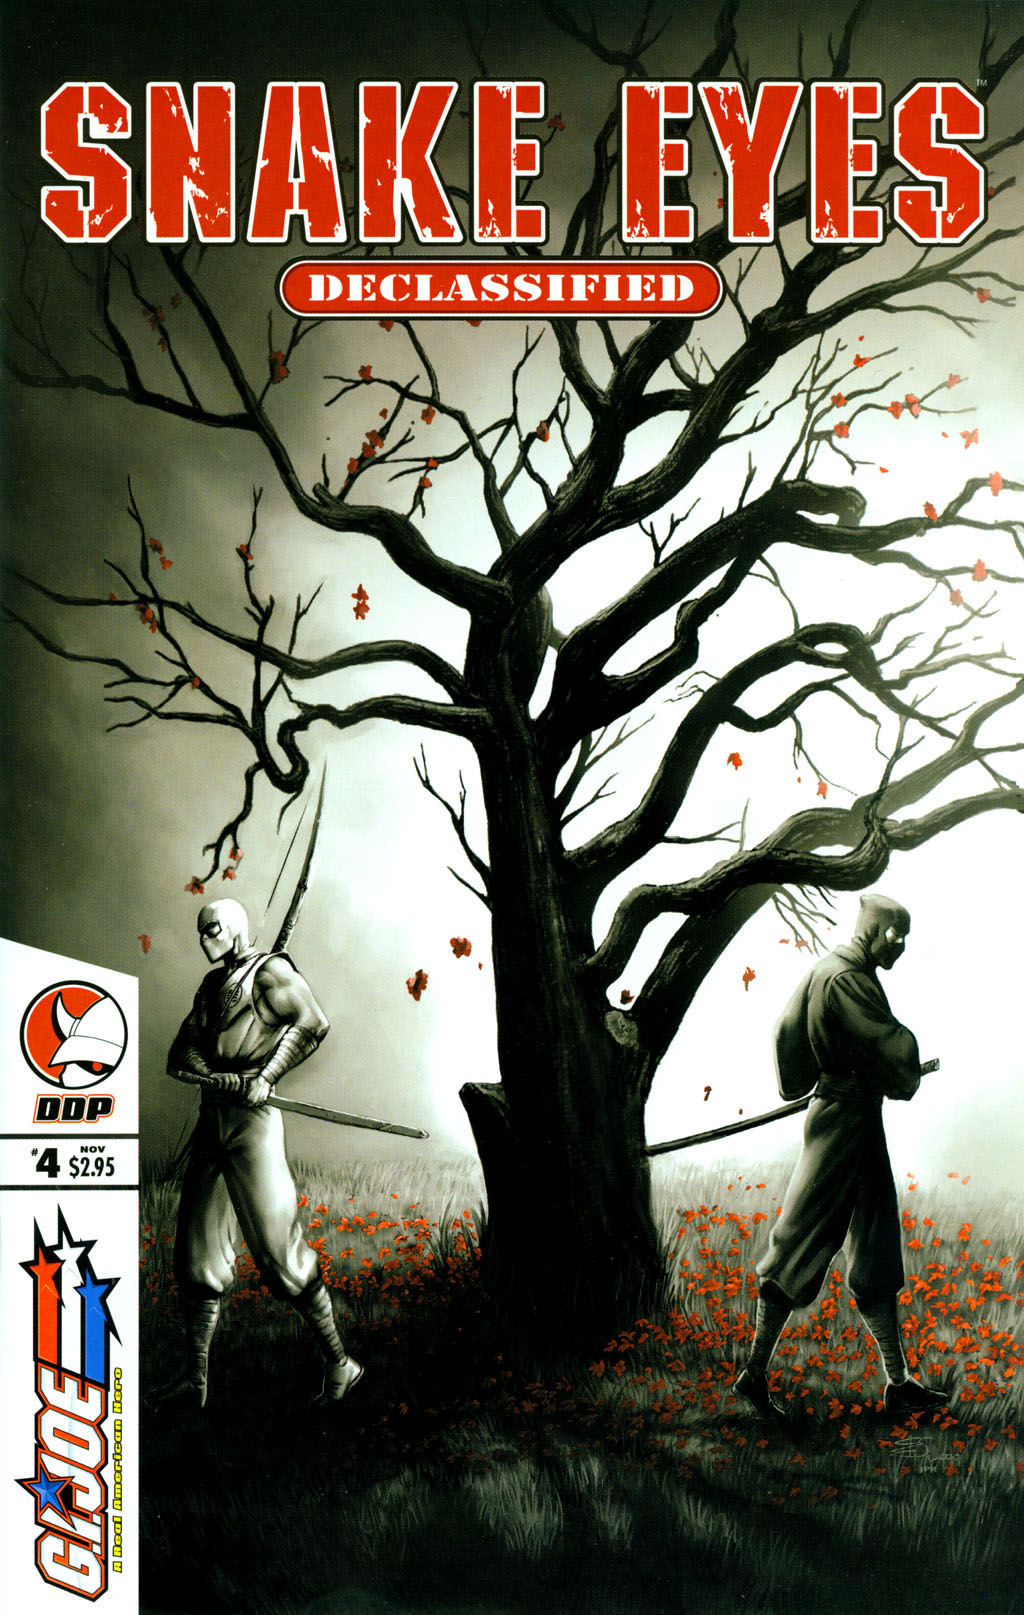 Read online Snake Eyes: Declassified comic -  Issue #4 - 1